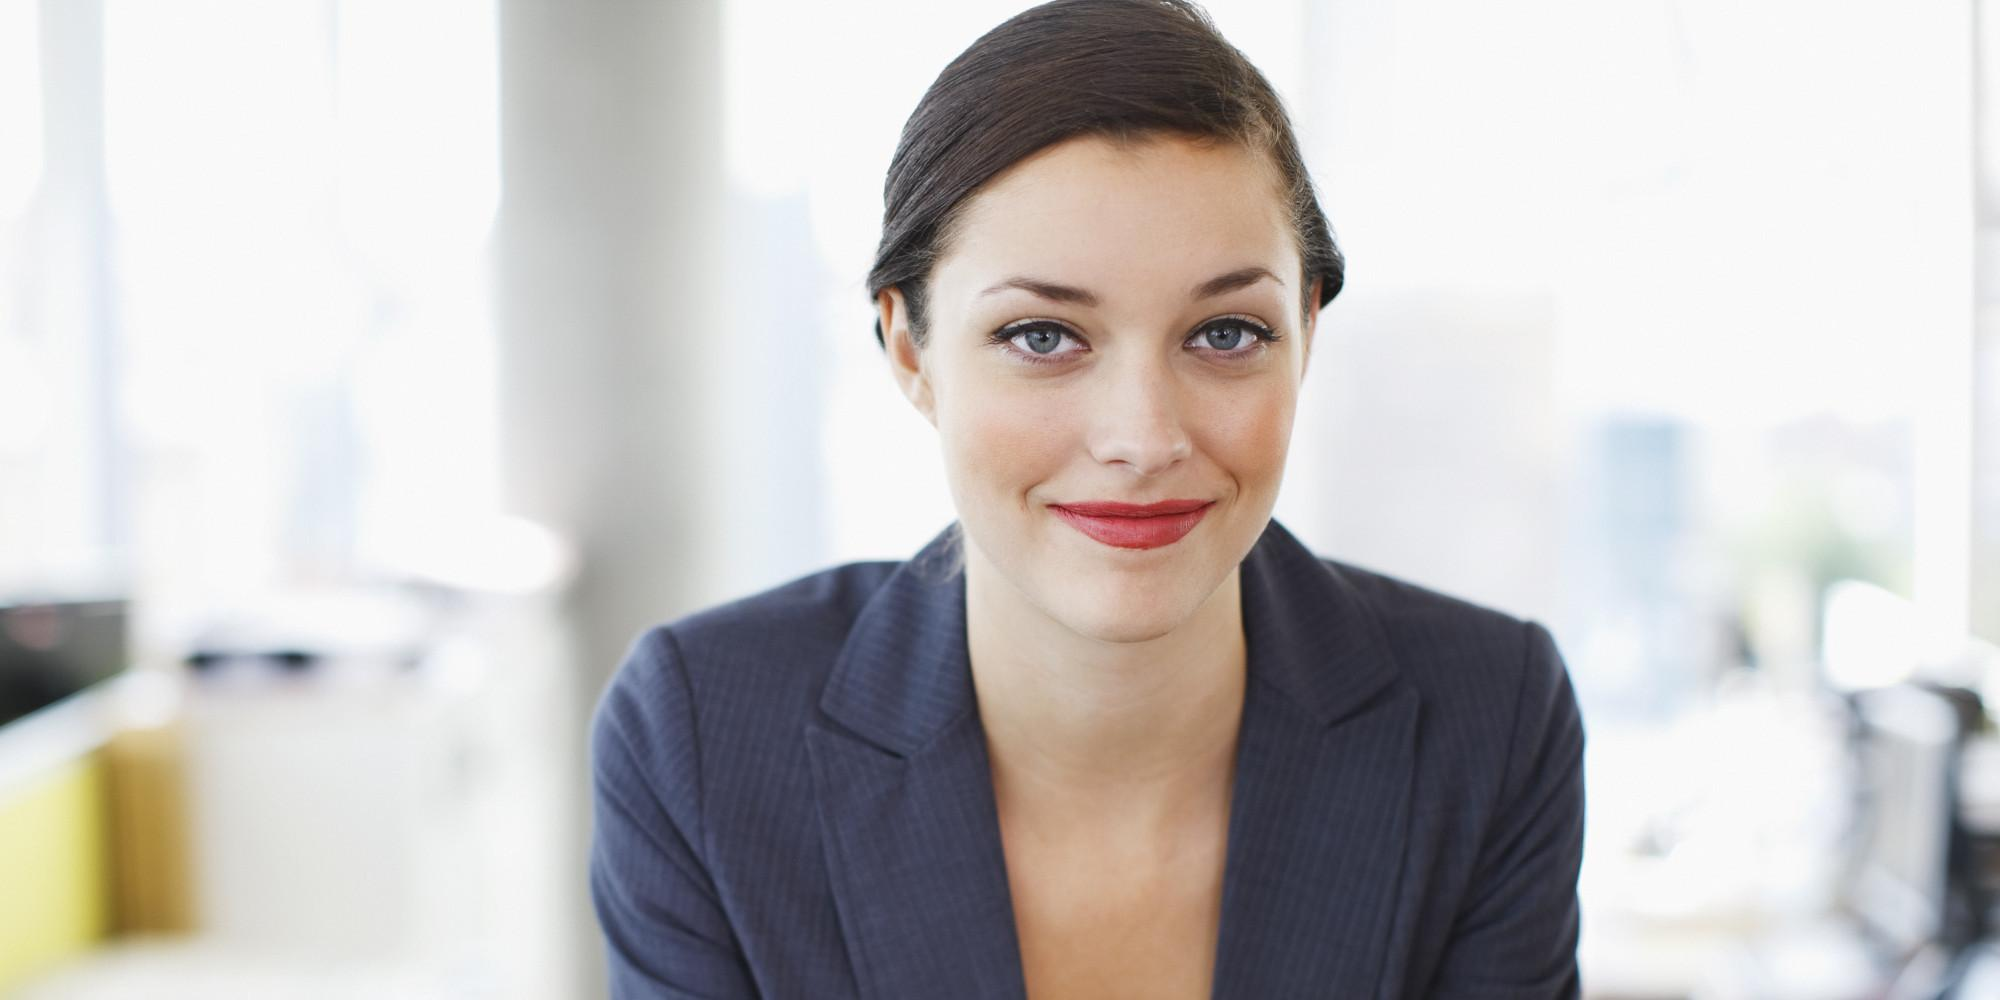 Başarılı Kadınların 10 Özelliği